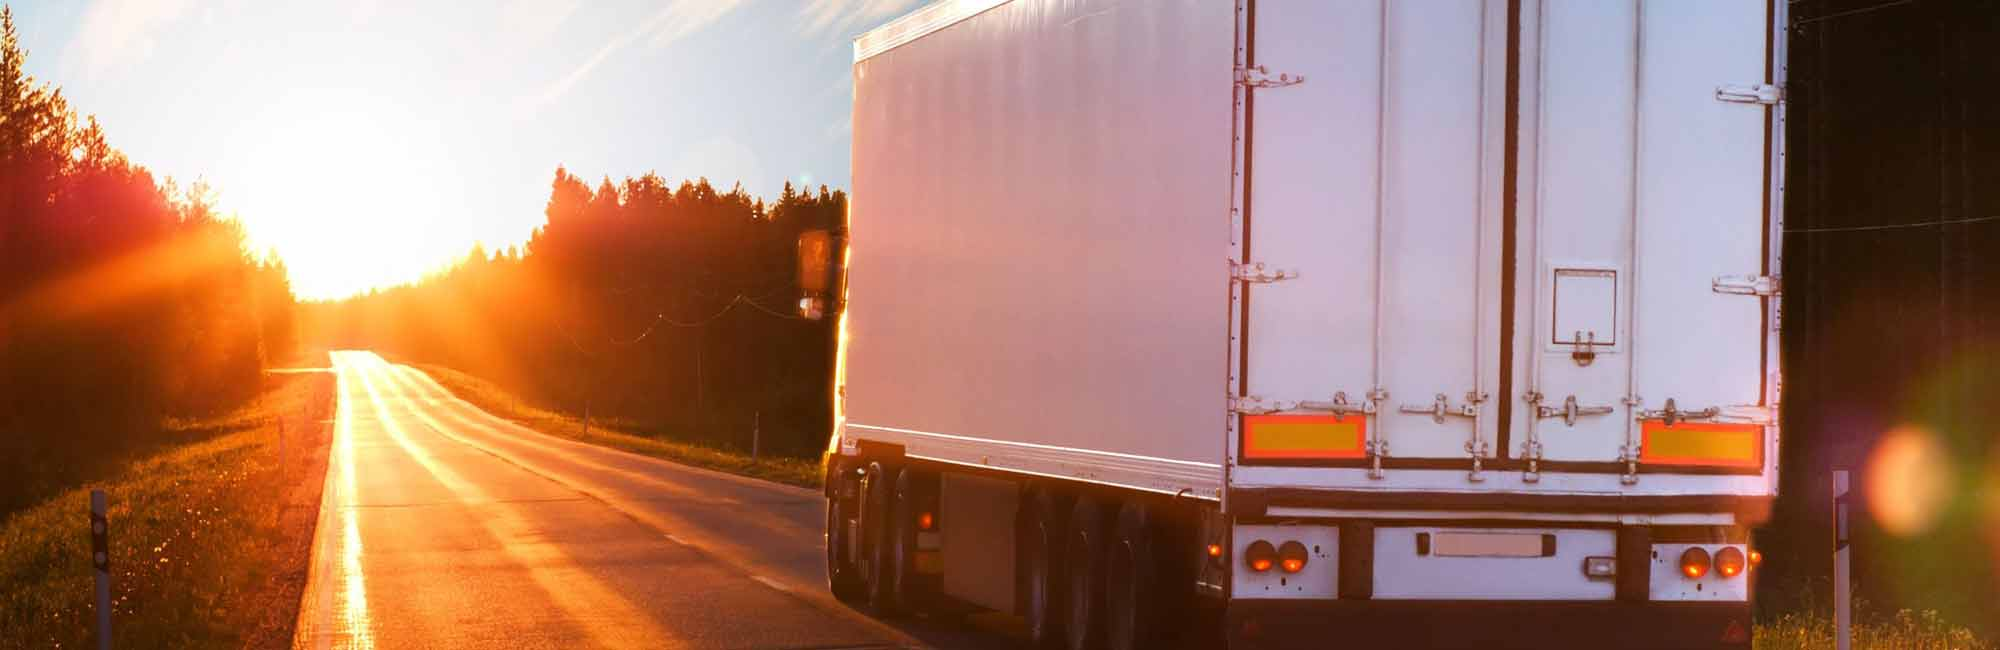 Comfortabel rijden - Truckinterieur De Regt |  Vrachtwagenbekleding voor Scania, Volvo en DAF | Ter Apel